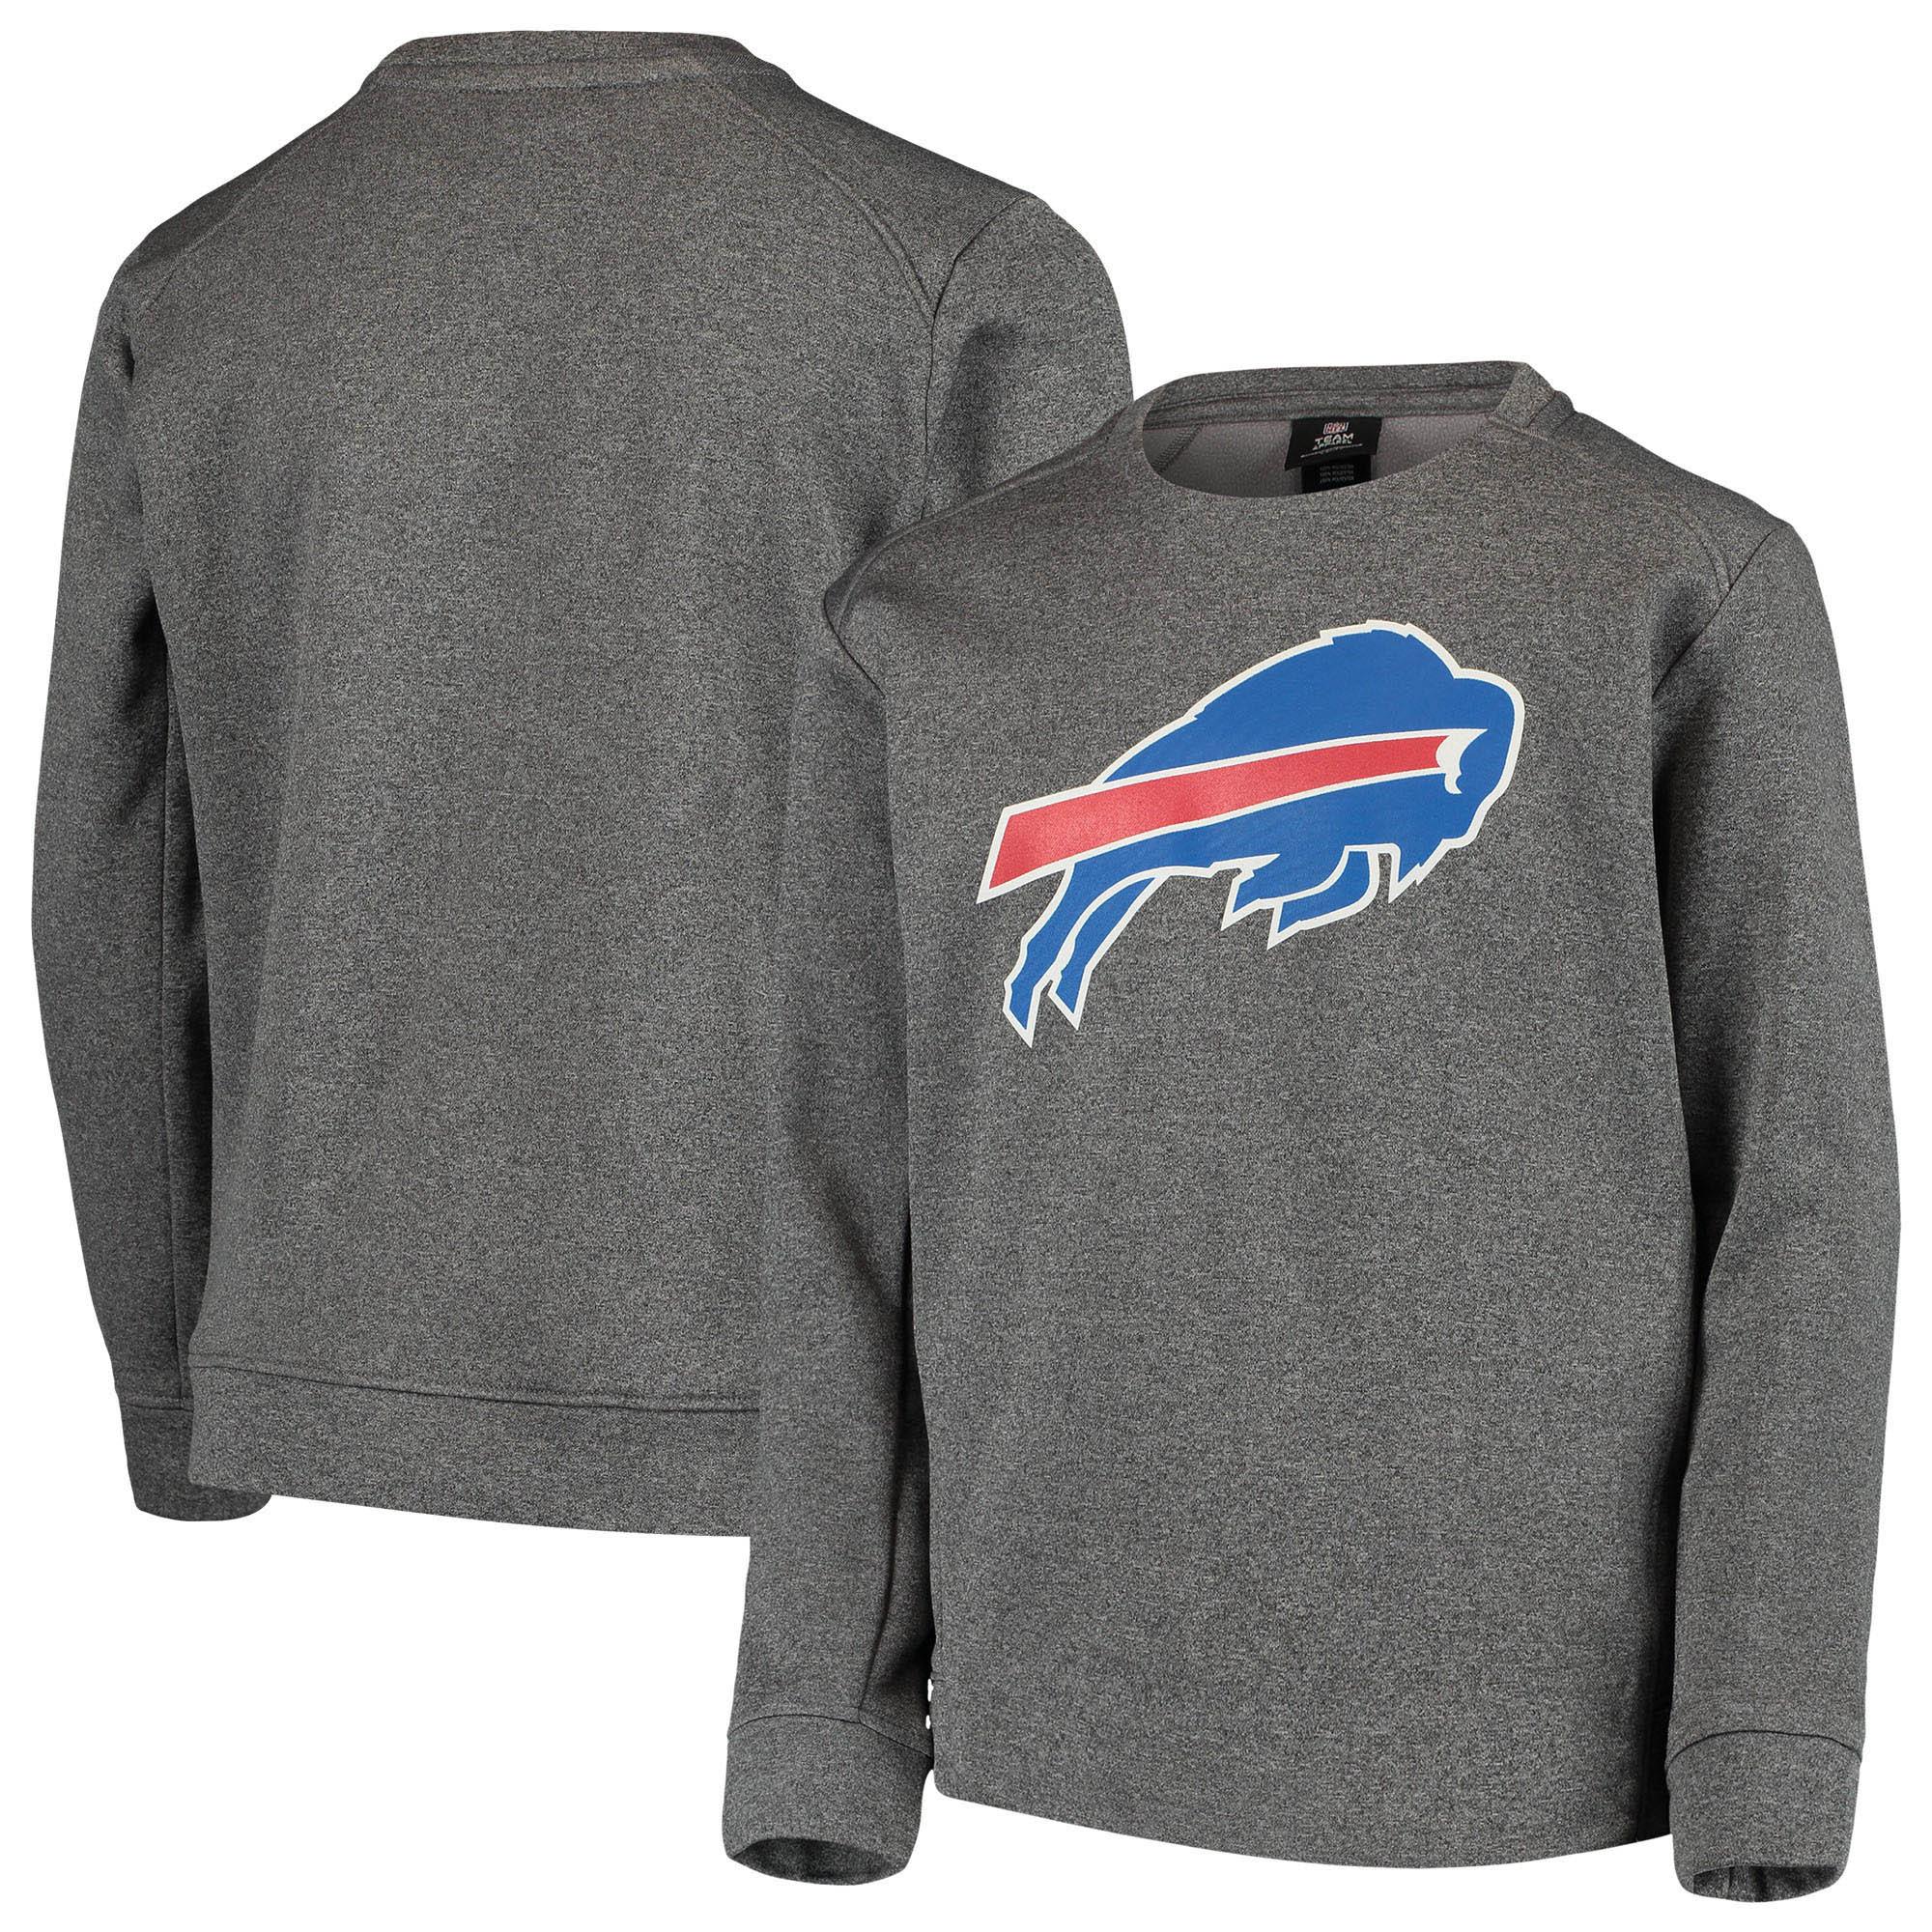 Buffalo Bills Nike Youth Fleece Crew Sweatshirt - Heathered Gray